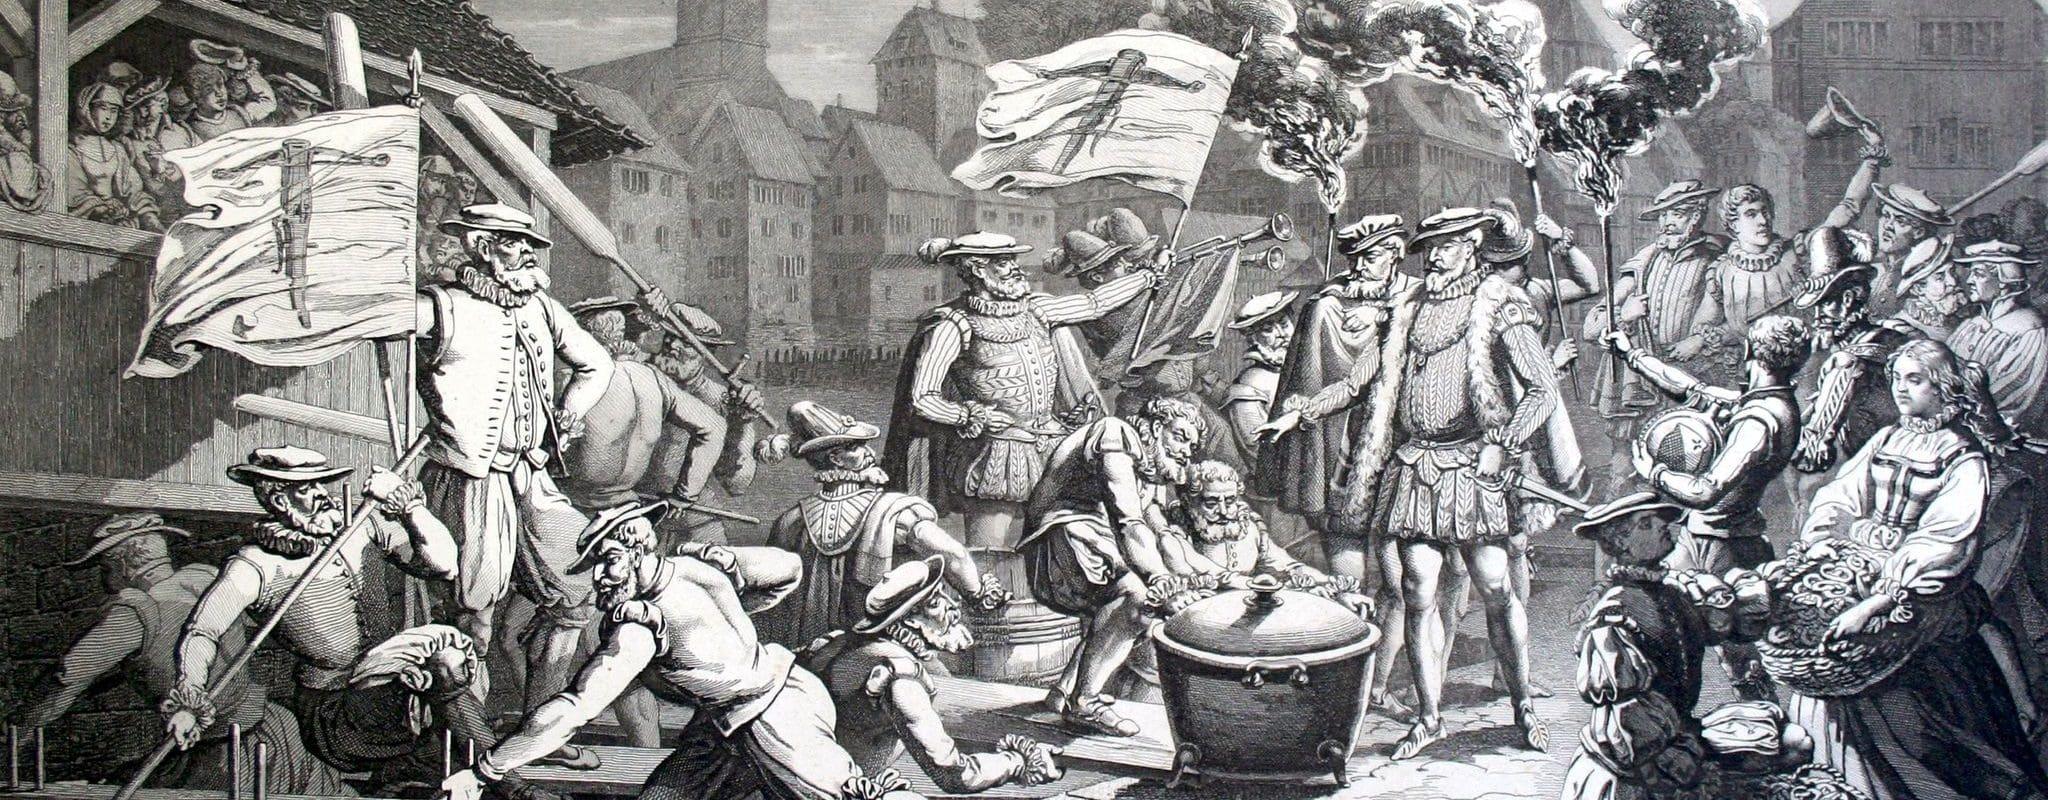 Samedi et dimanche, Strasbourg et Zürich célèbrent leur alliance avec la Hirsebreifahrt